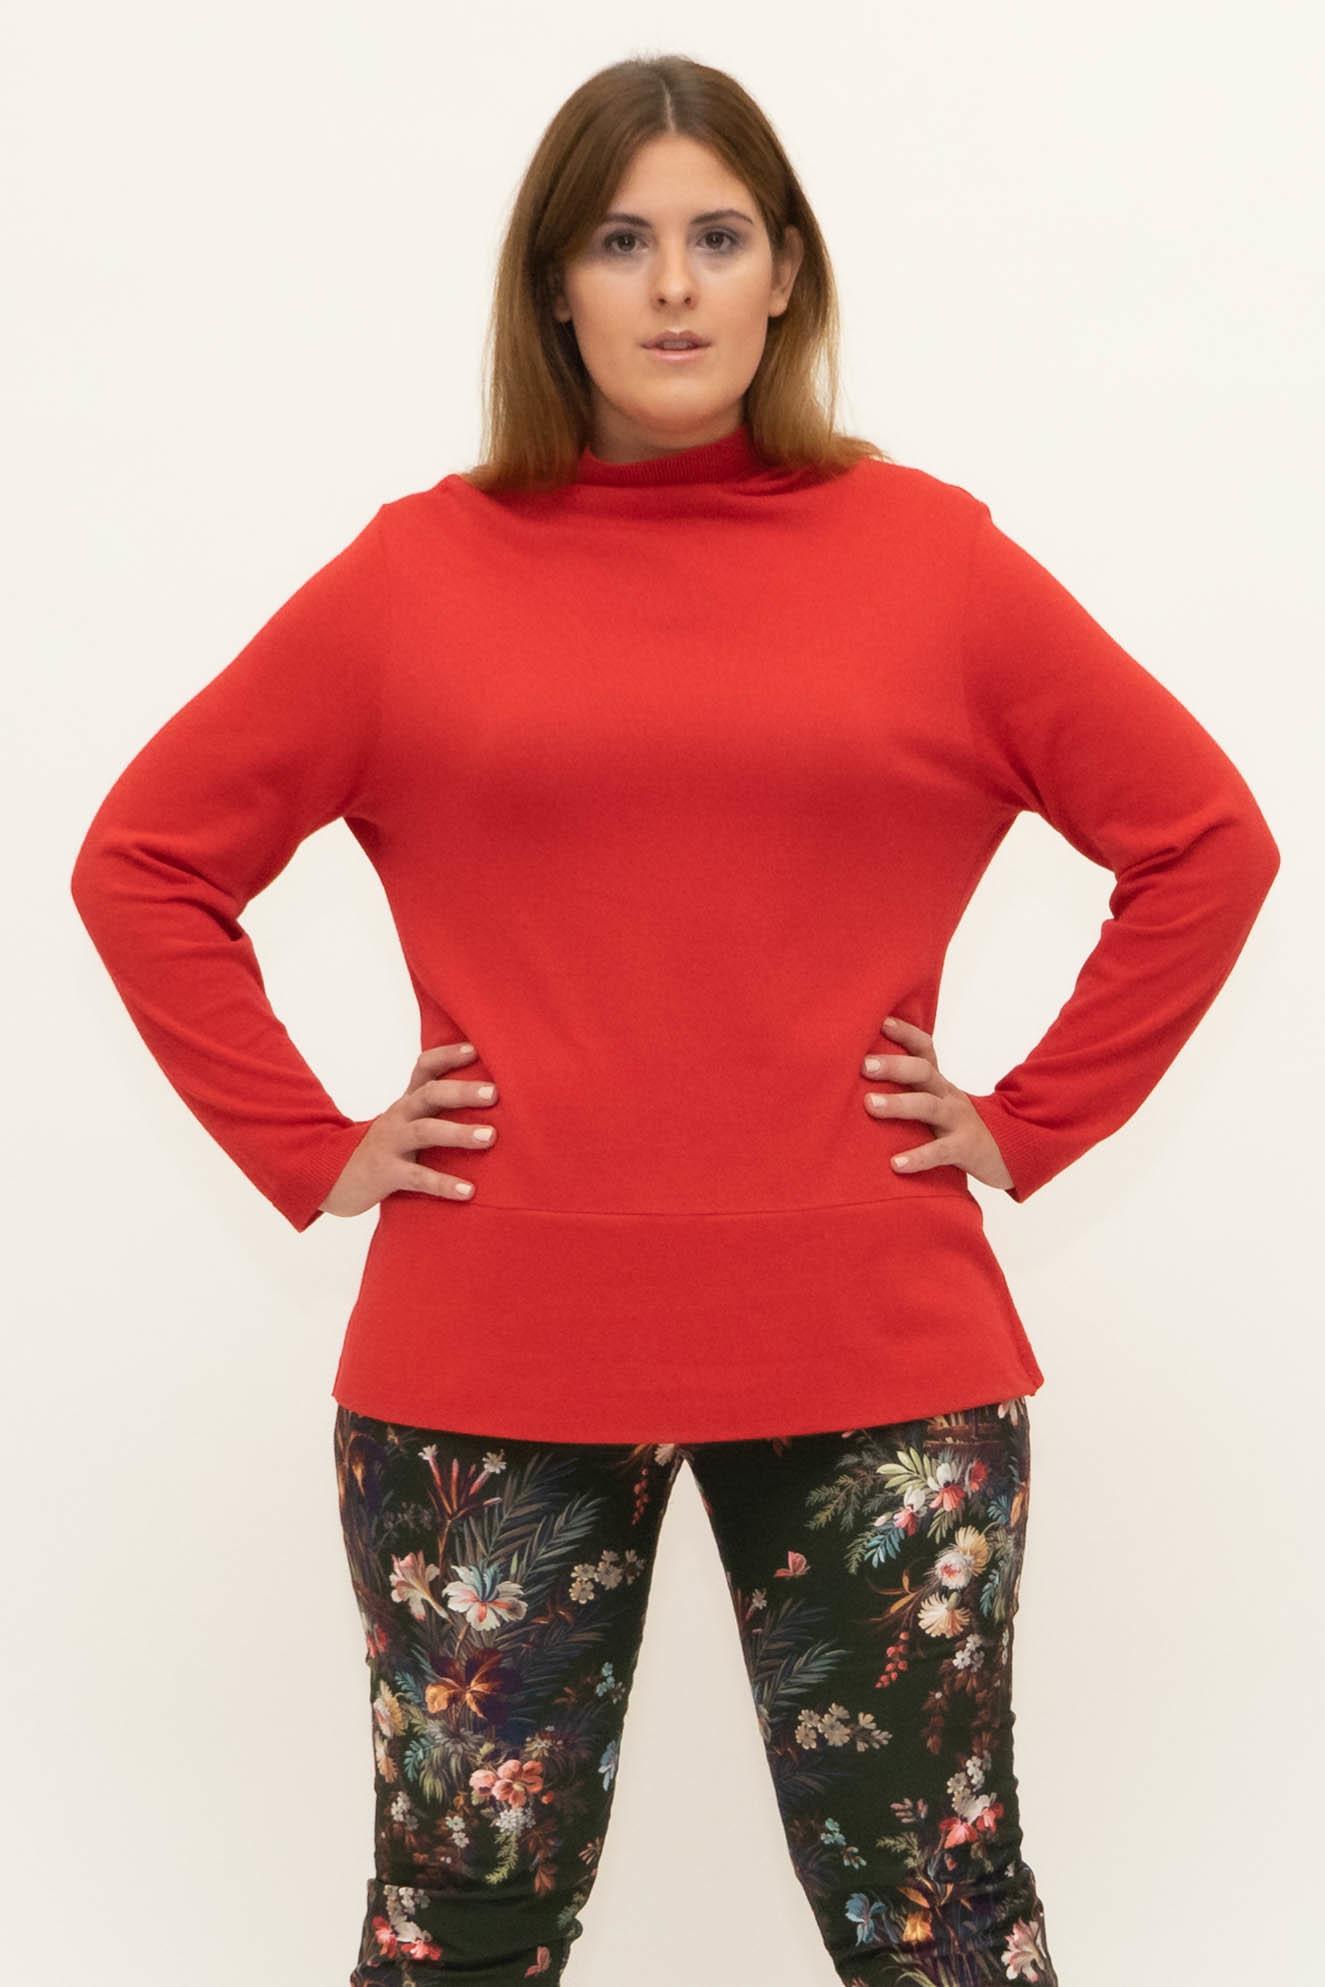 CLEO sweatshirt in Cotton-1